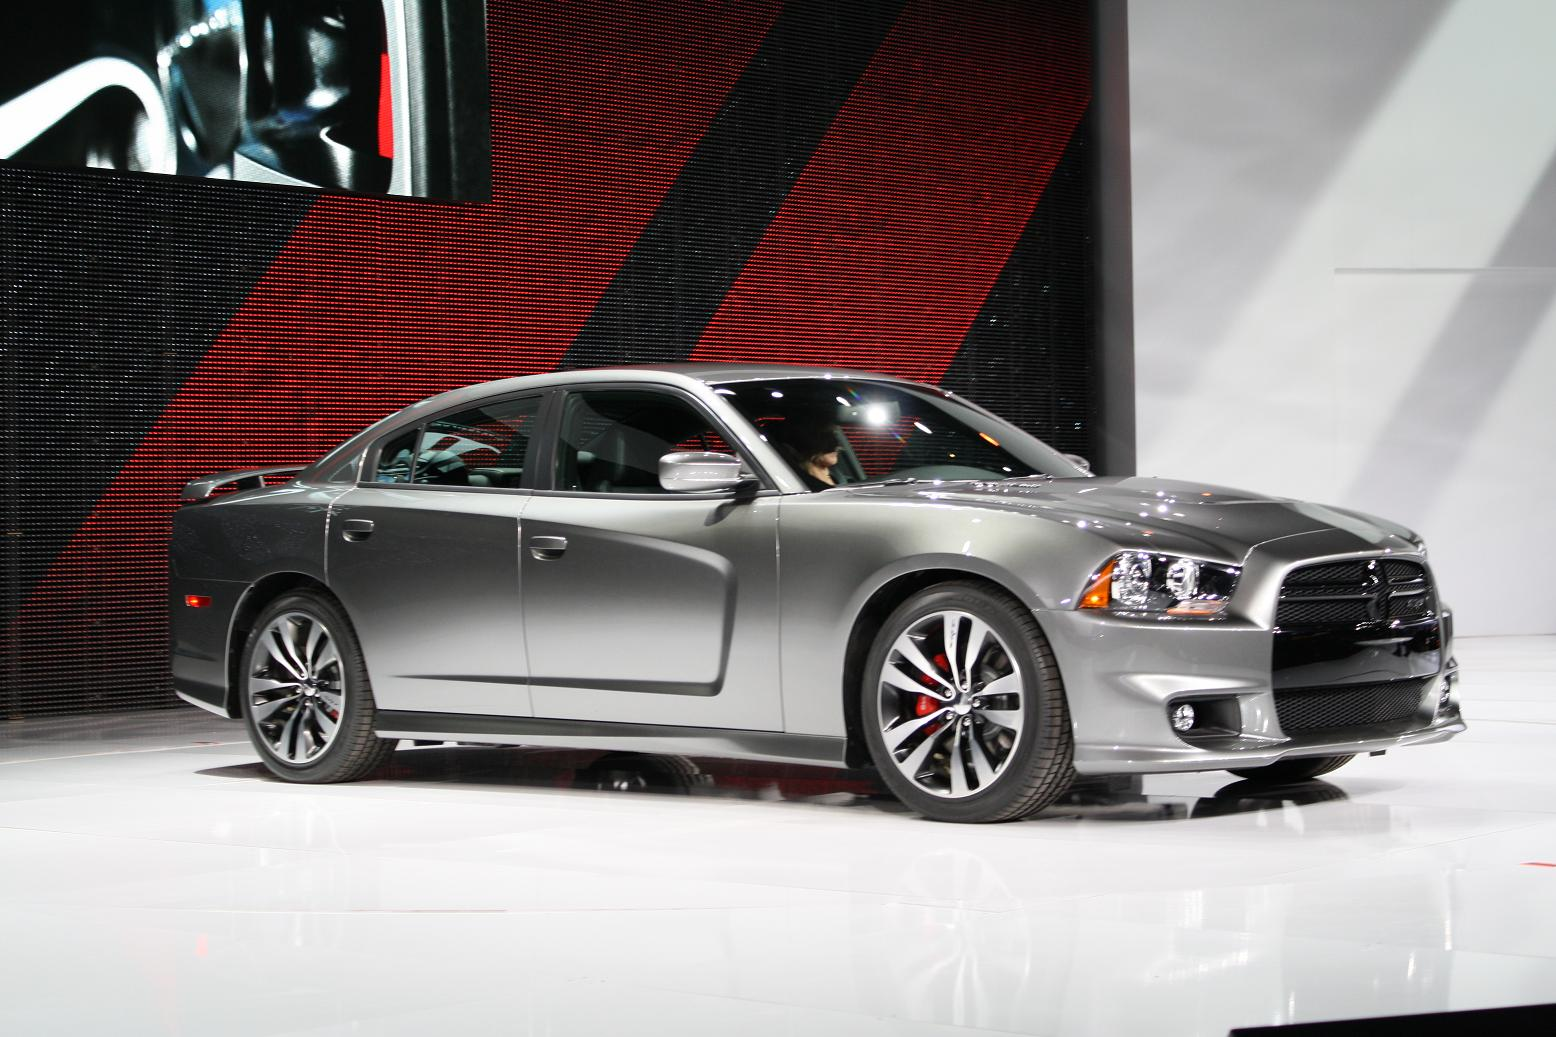 clutch drop dodge charger srt8 returns for 2012 model year. Black Bedroom Furniture Sets. Home Design Ideas